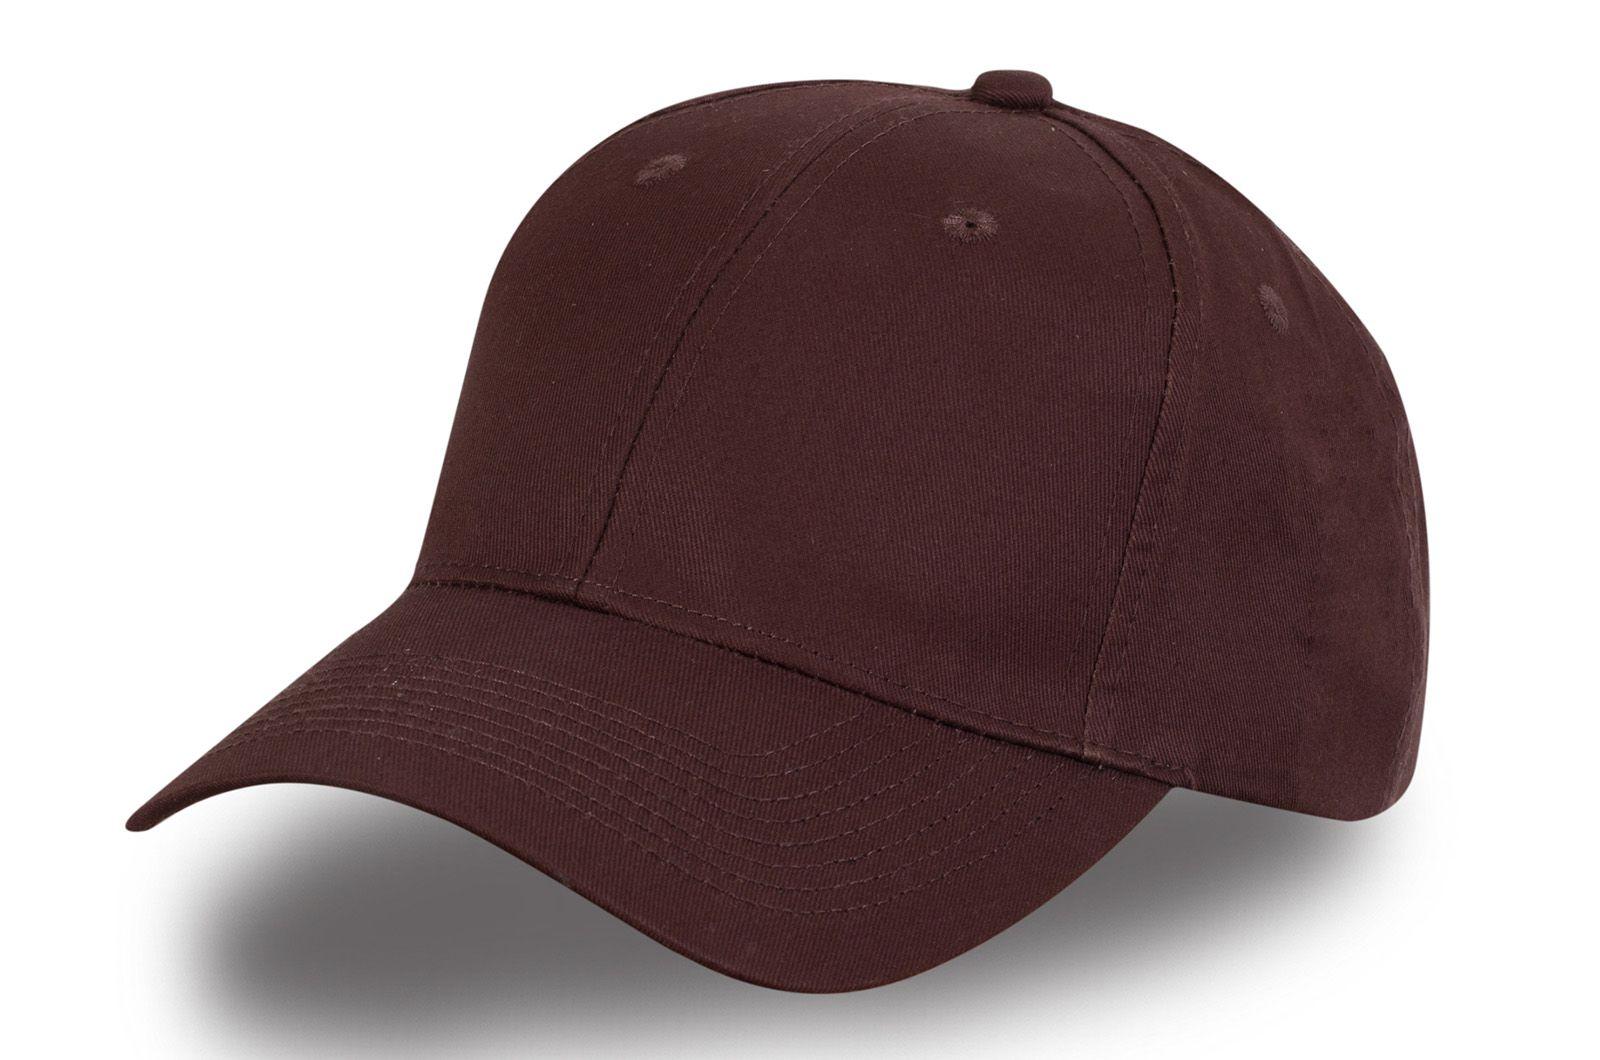 Мужская коричневая бейсболка - купить по специальной цене